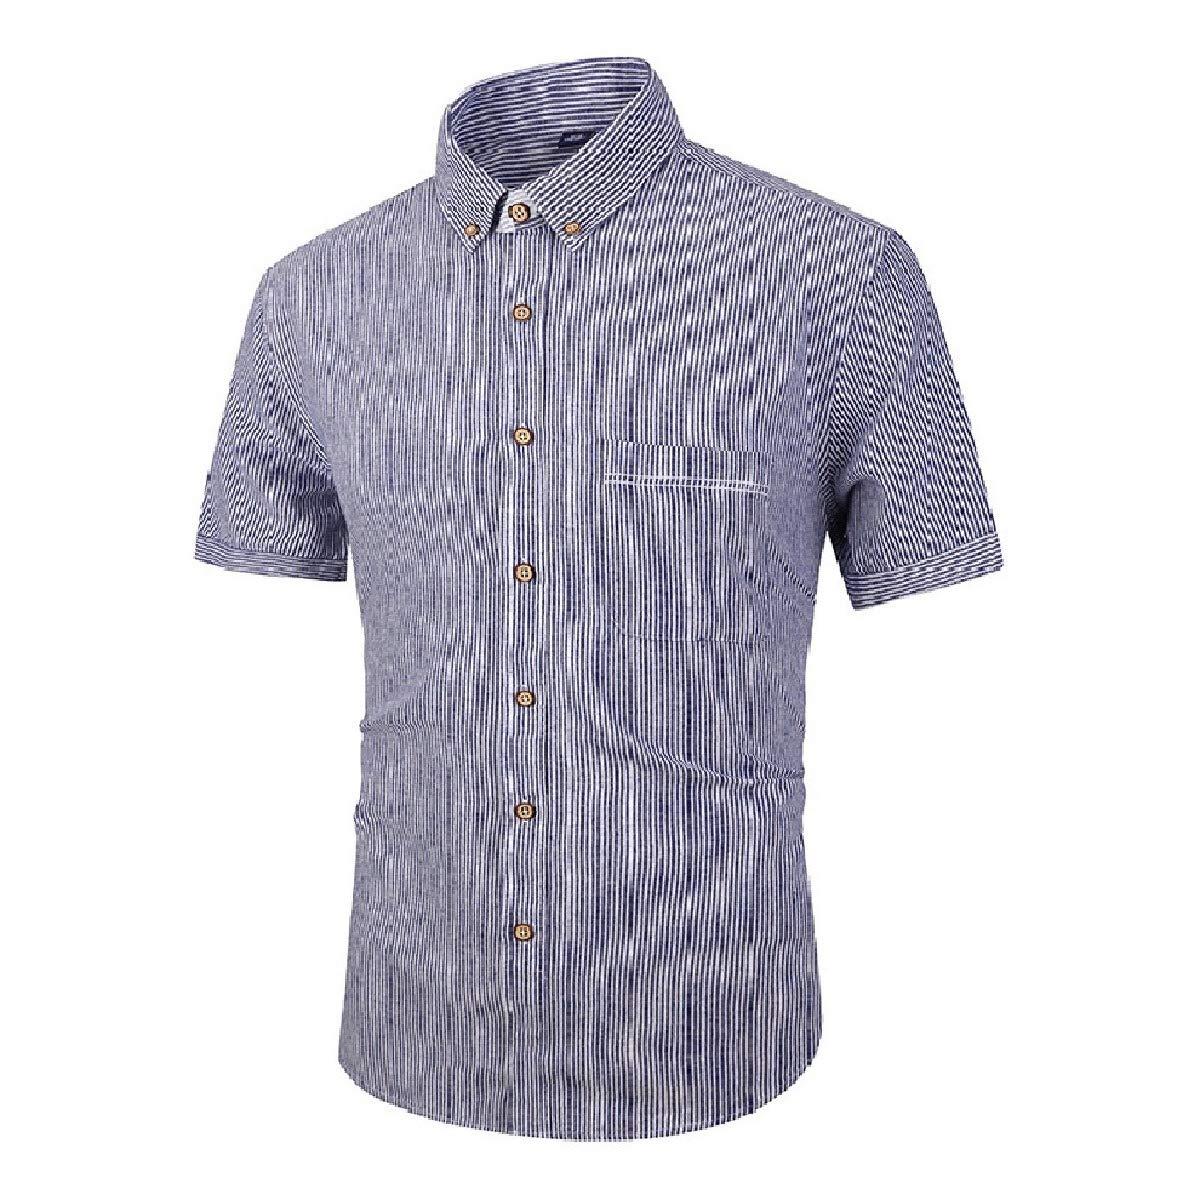 SportsX Mens Regular Fit Summer Cotton Short-Sleeve Stripes Shirt Tops